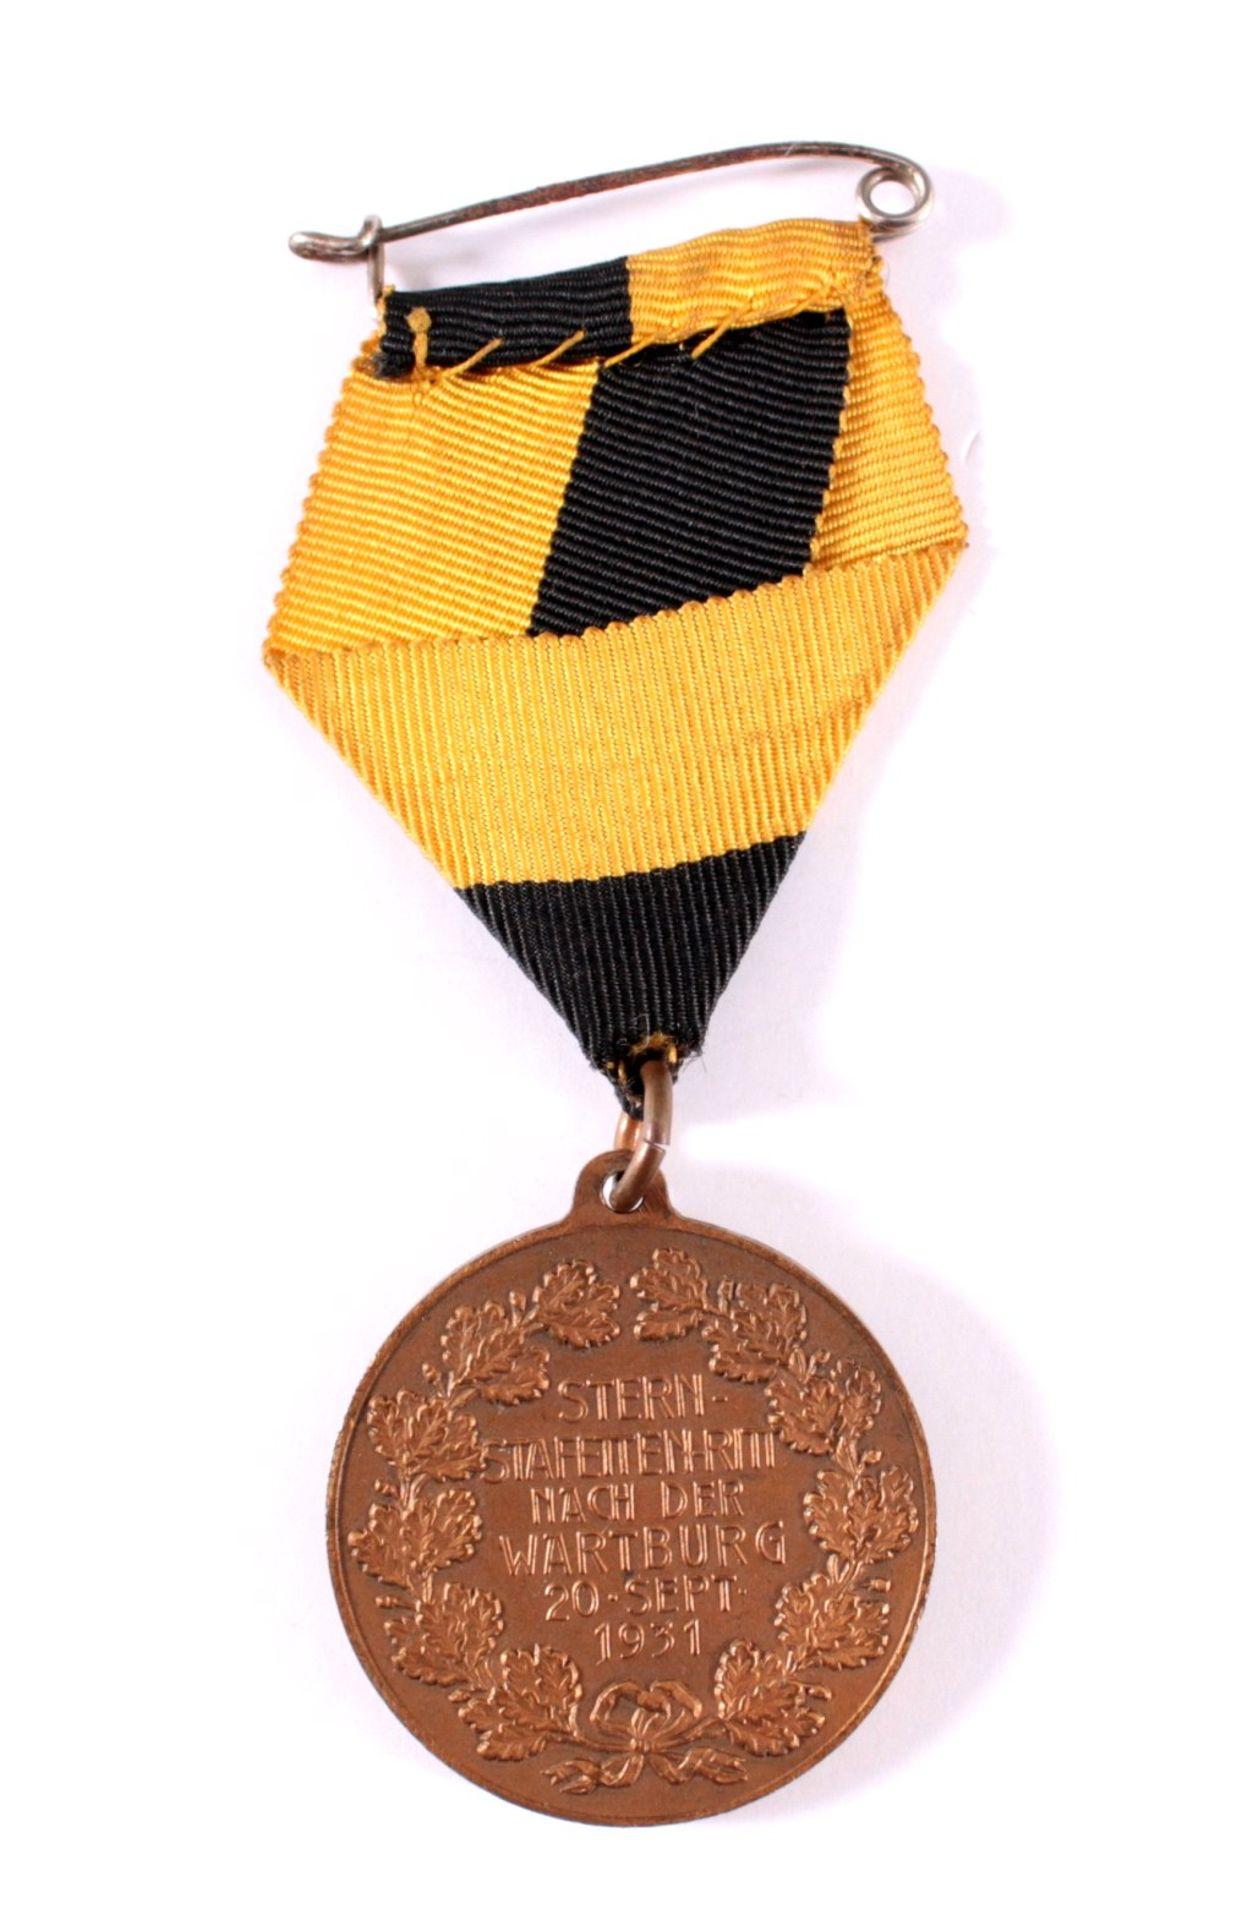 Medaille Stern Staffetten Ritt, Eisenach 1931VS: ohne Text, Motive: Wartburg und 4 Reiter im - Bild 2 aus 3